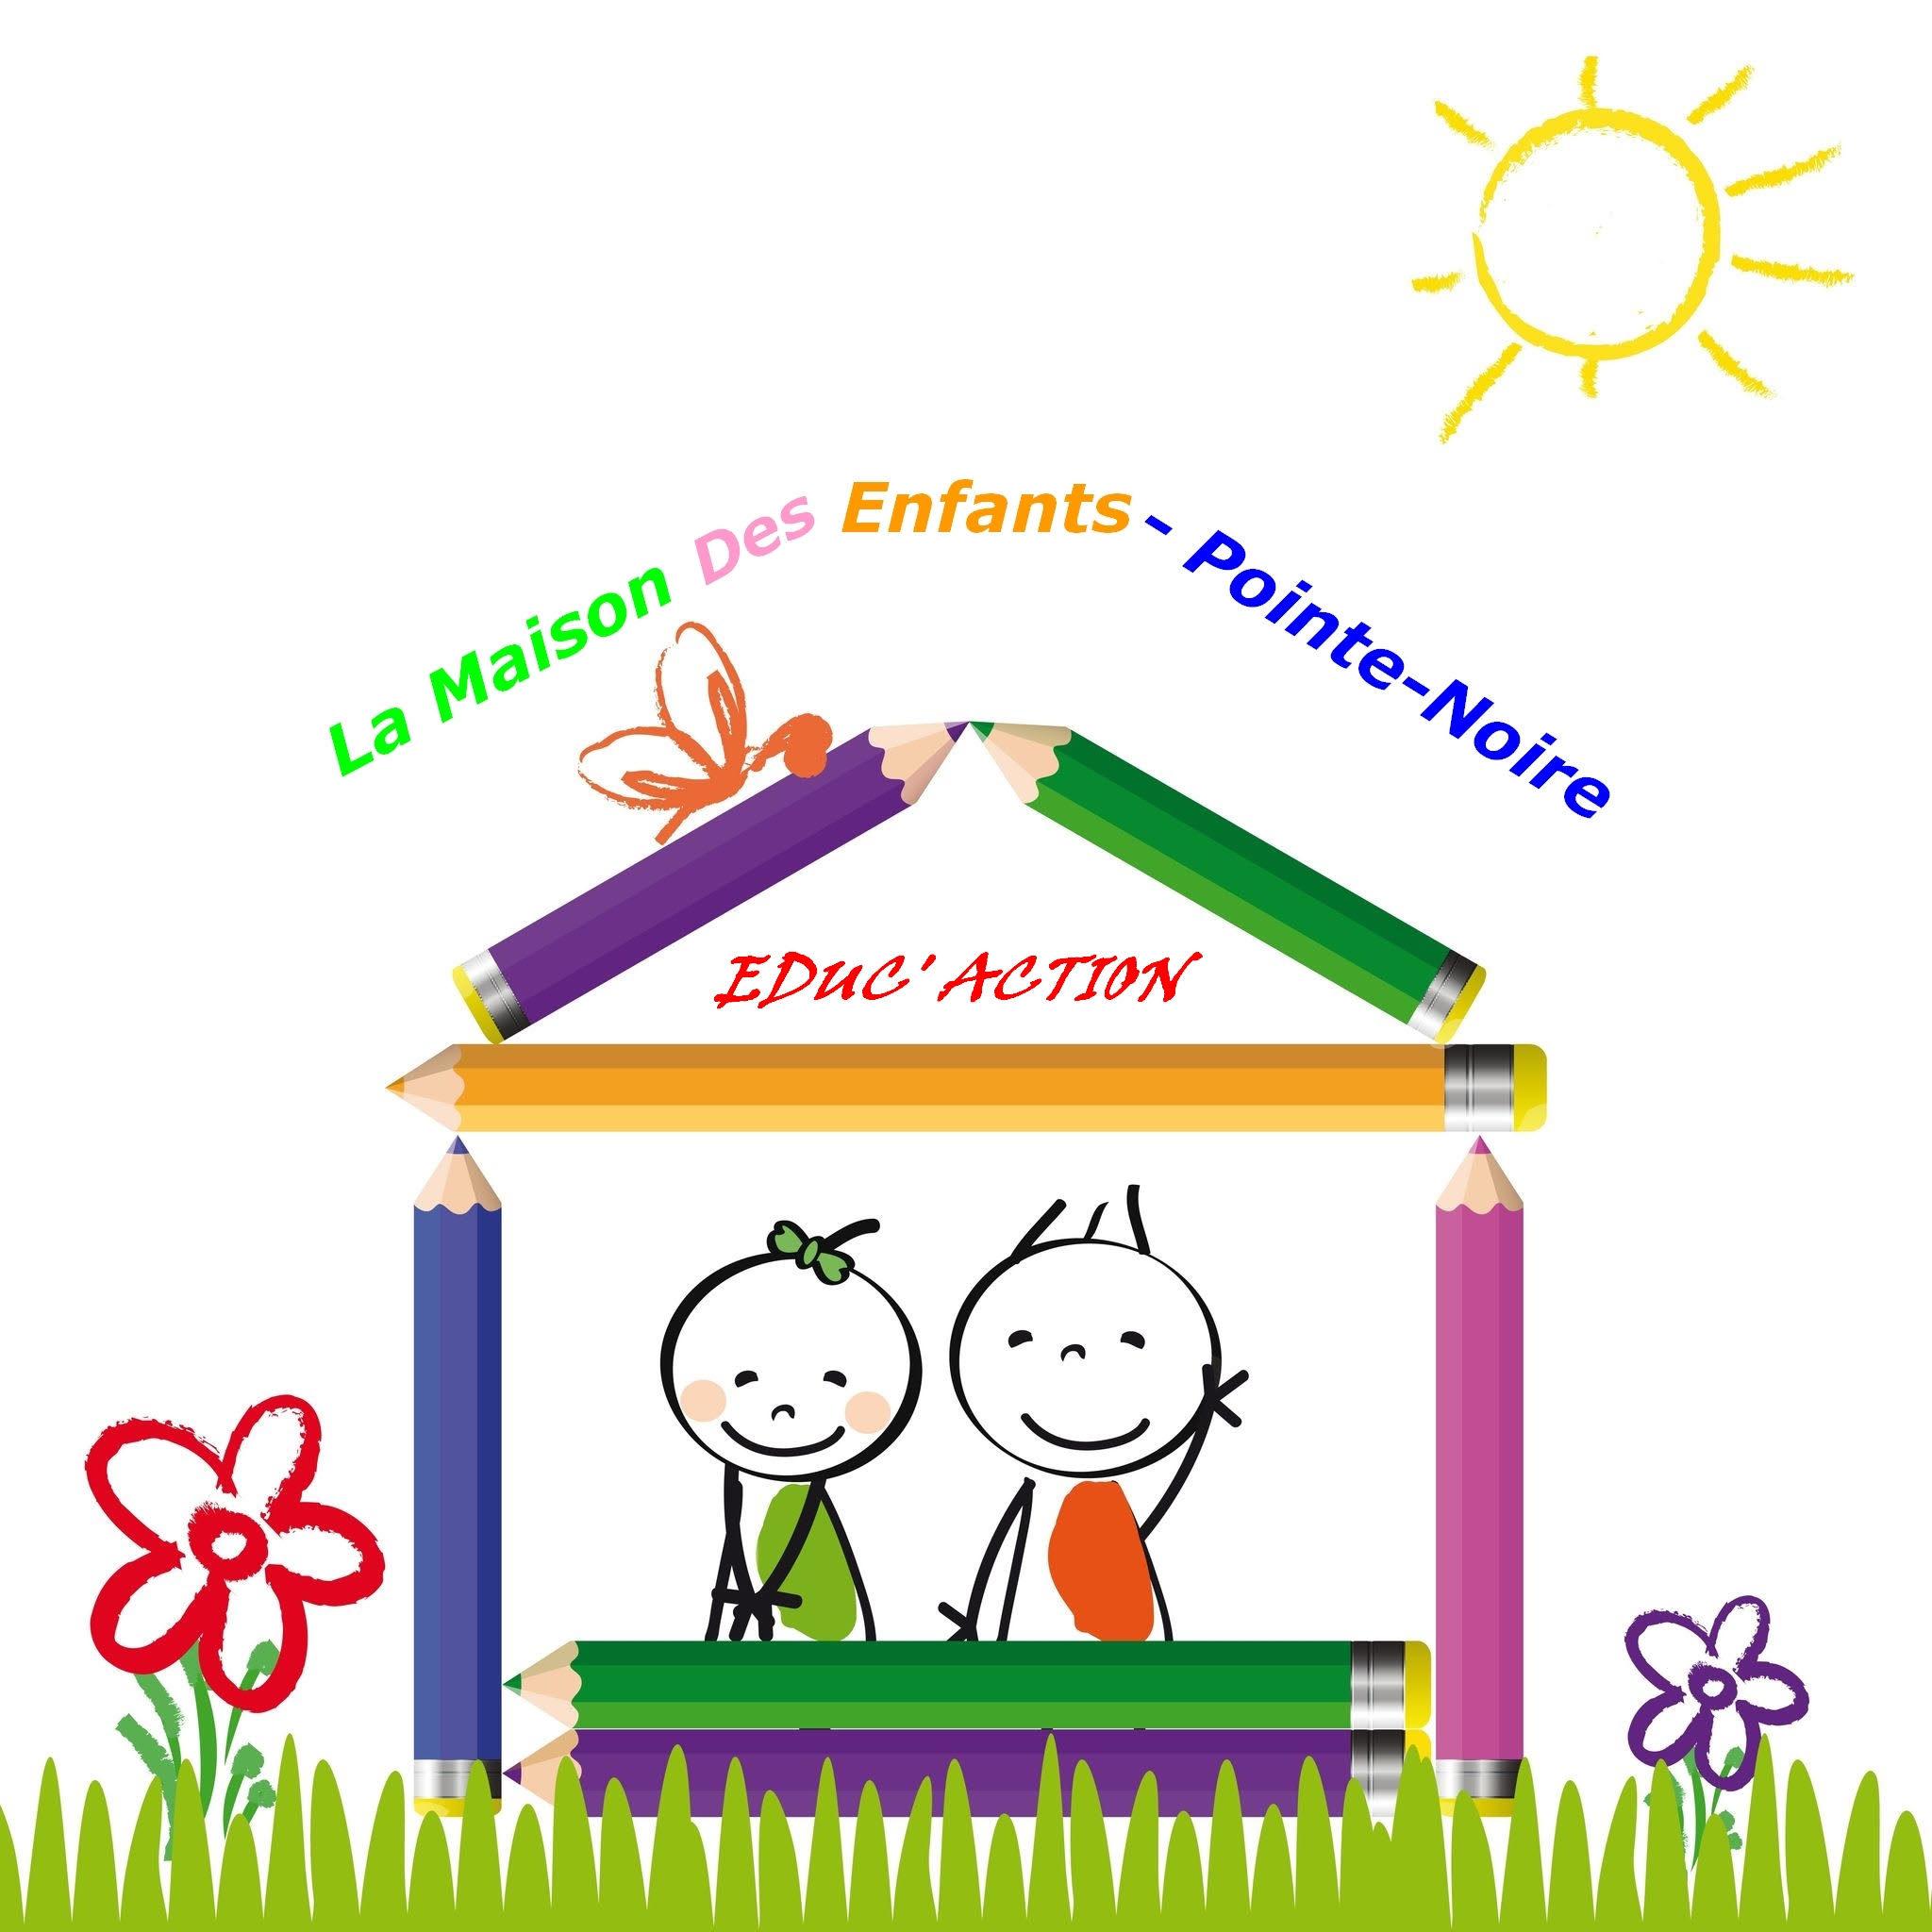 La Maison des Enfants Congo